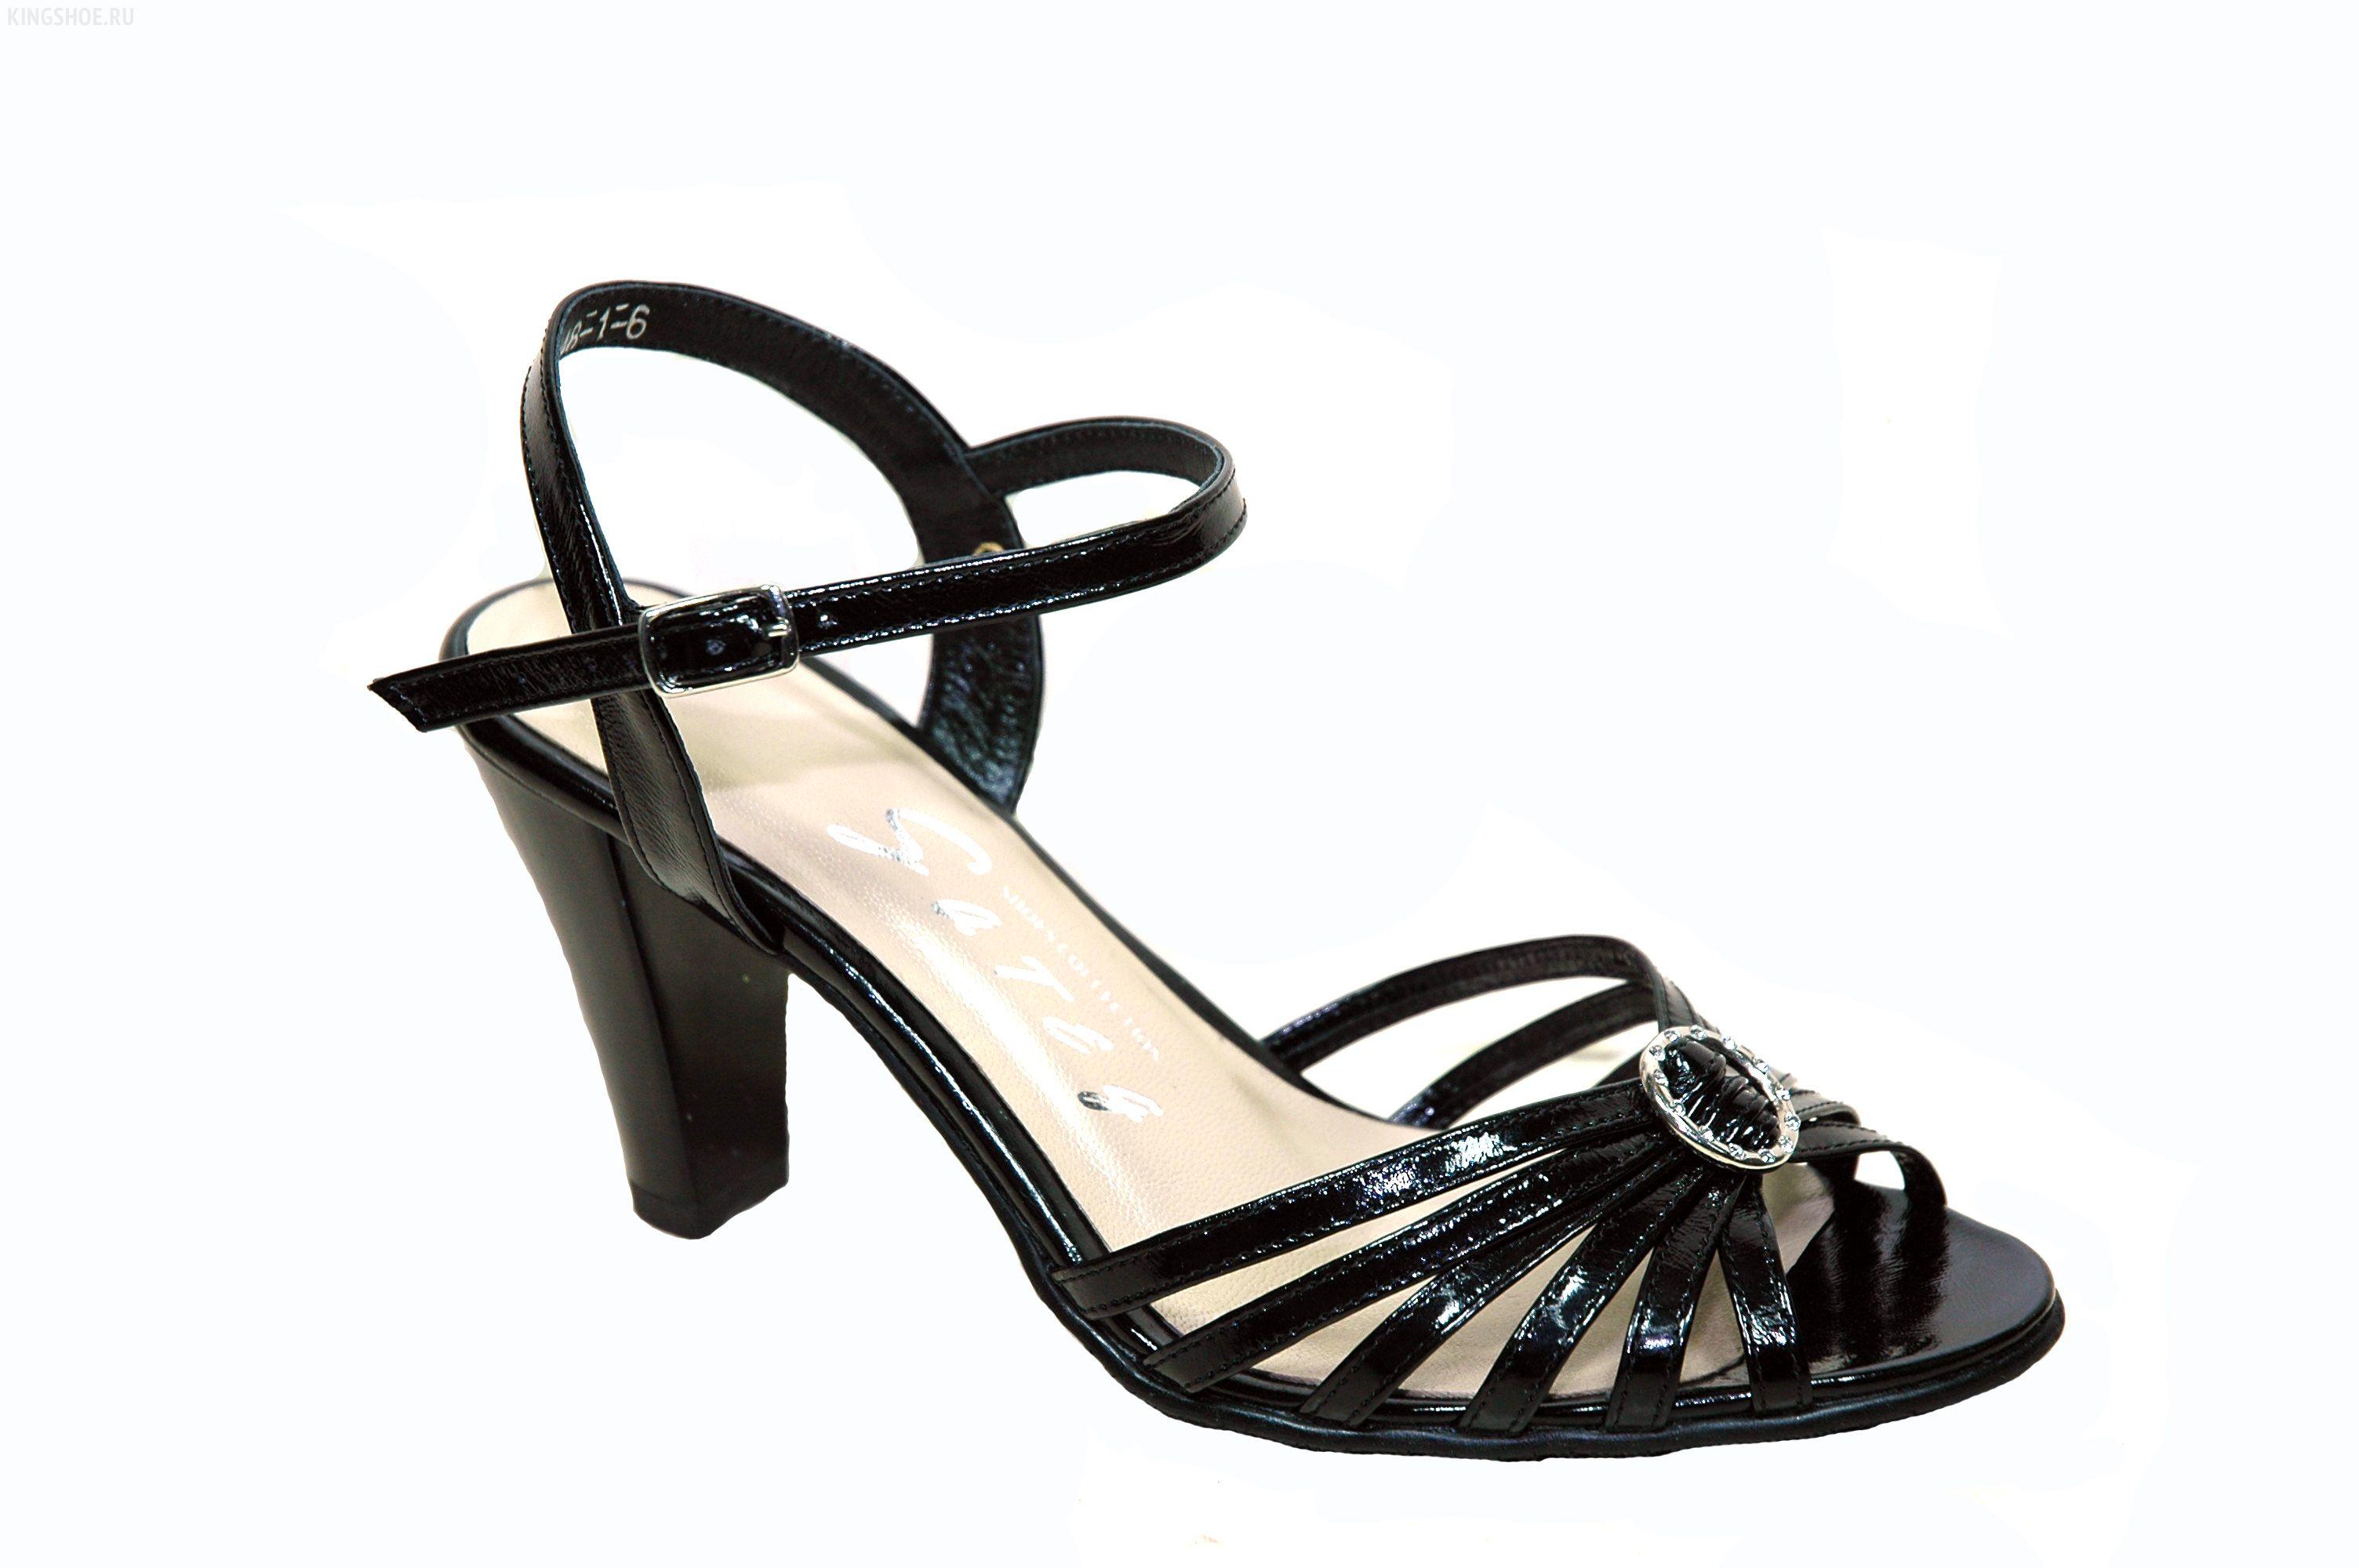 магазин обуви обувь обувь женская больших. женской больших обувь размеров